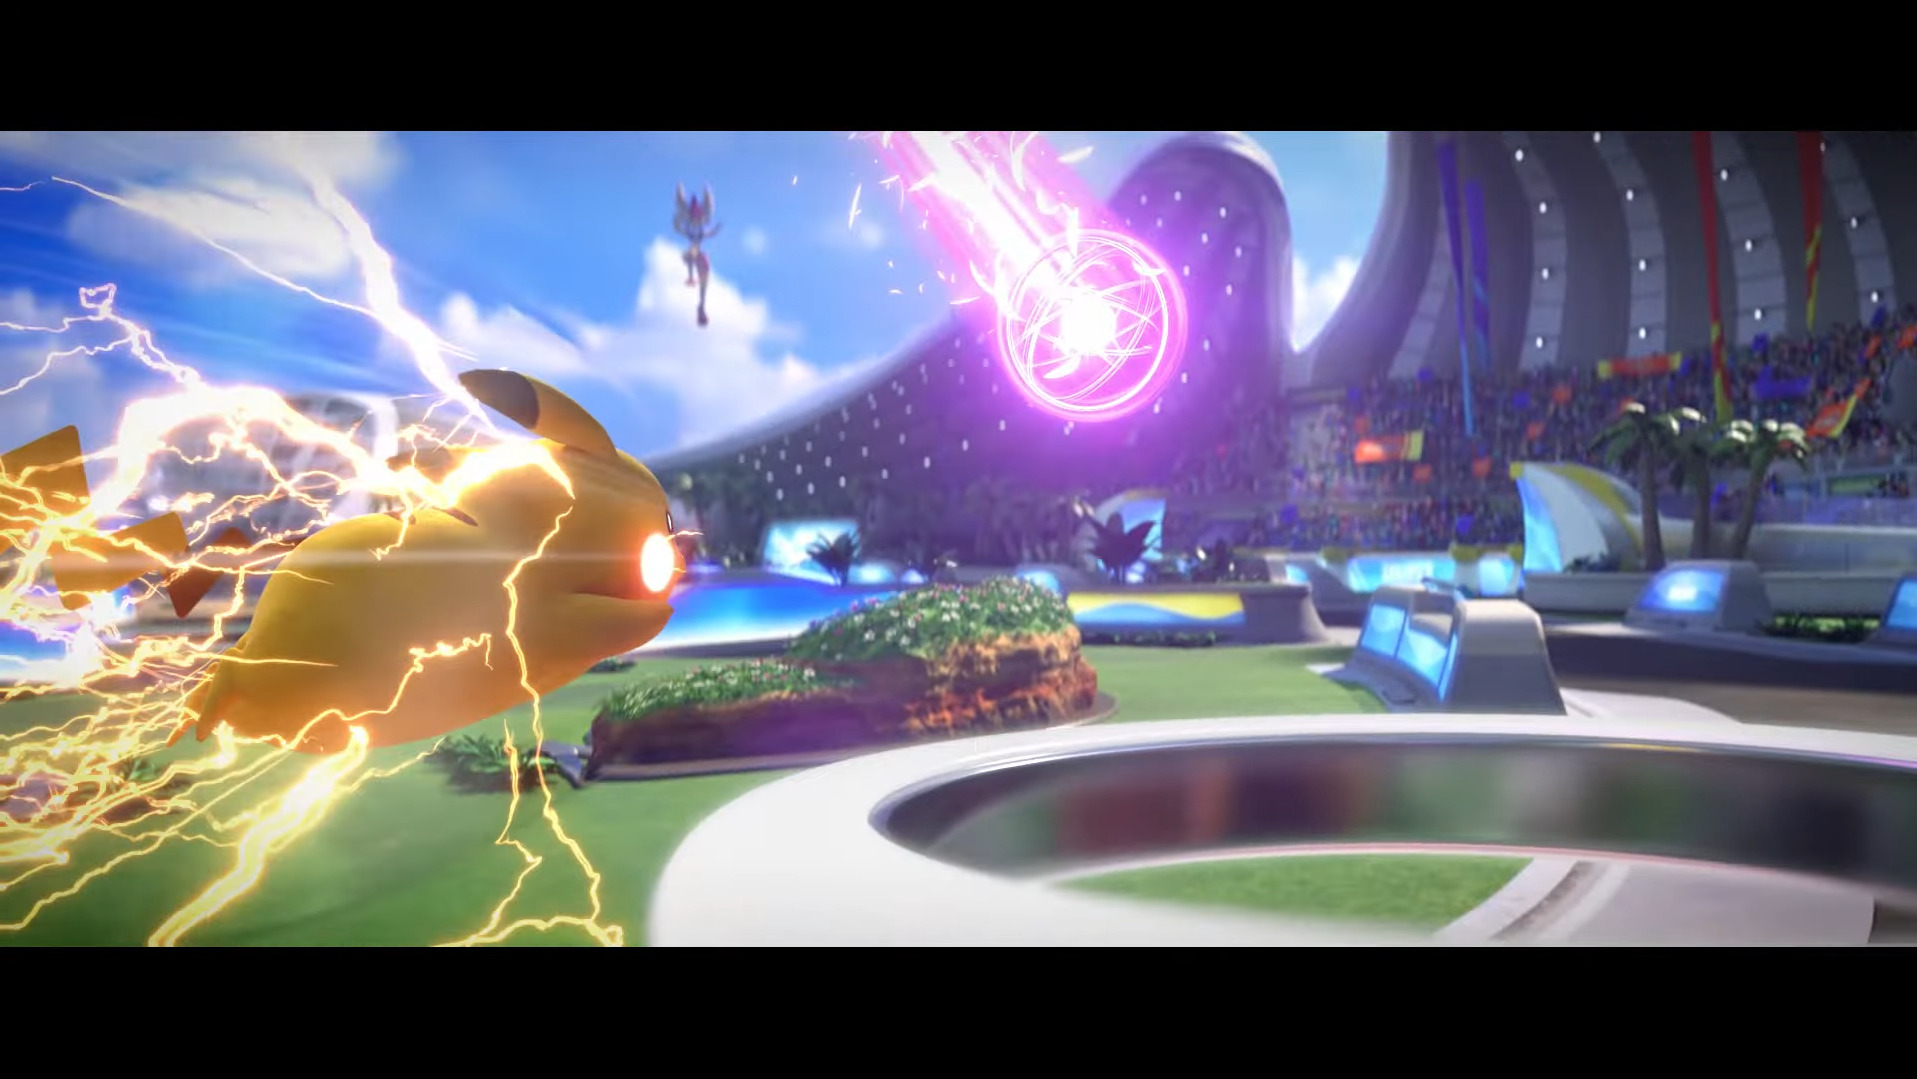 【ポケモンユナイト】早くゴールする方法【小技】【Pokémon UNITE】